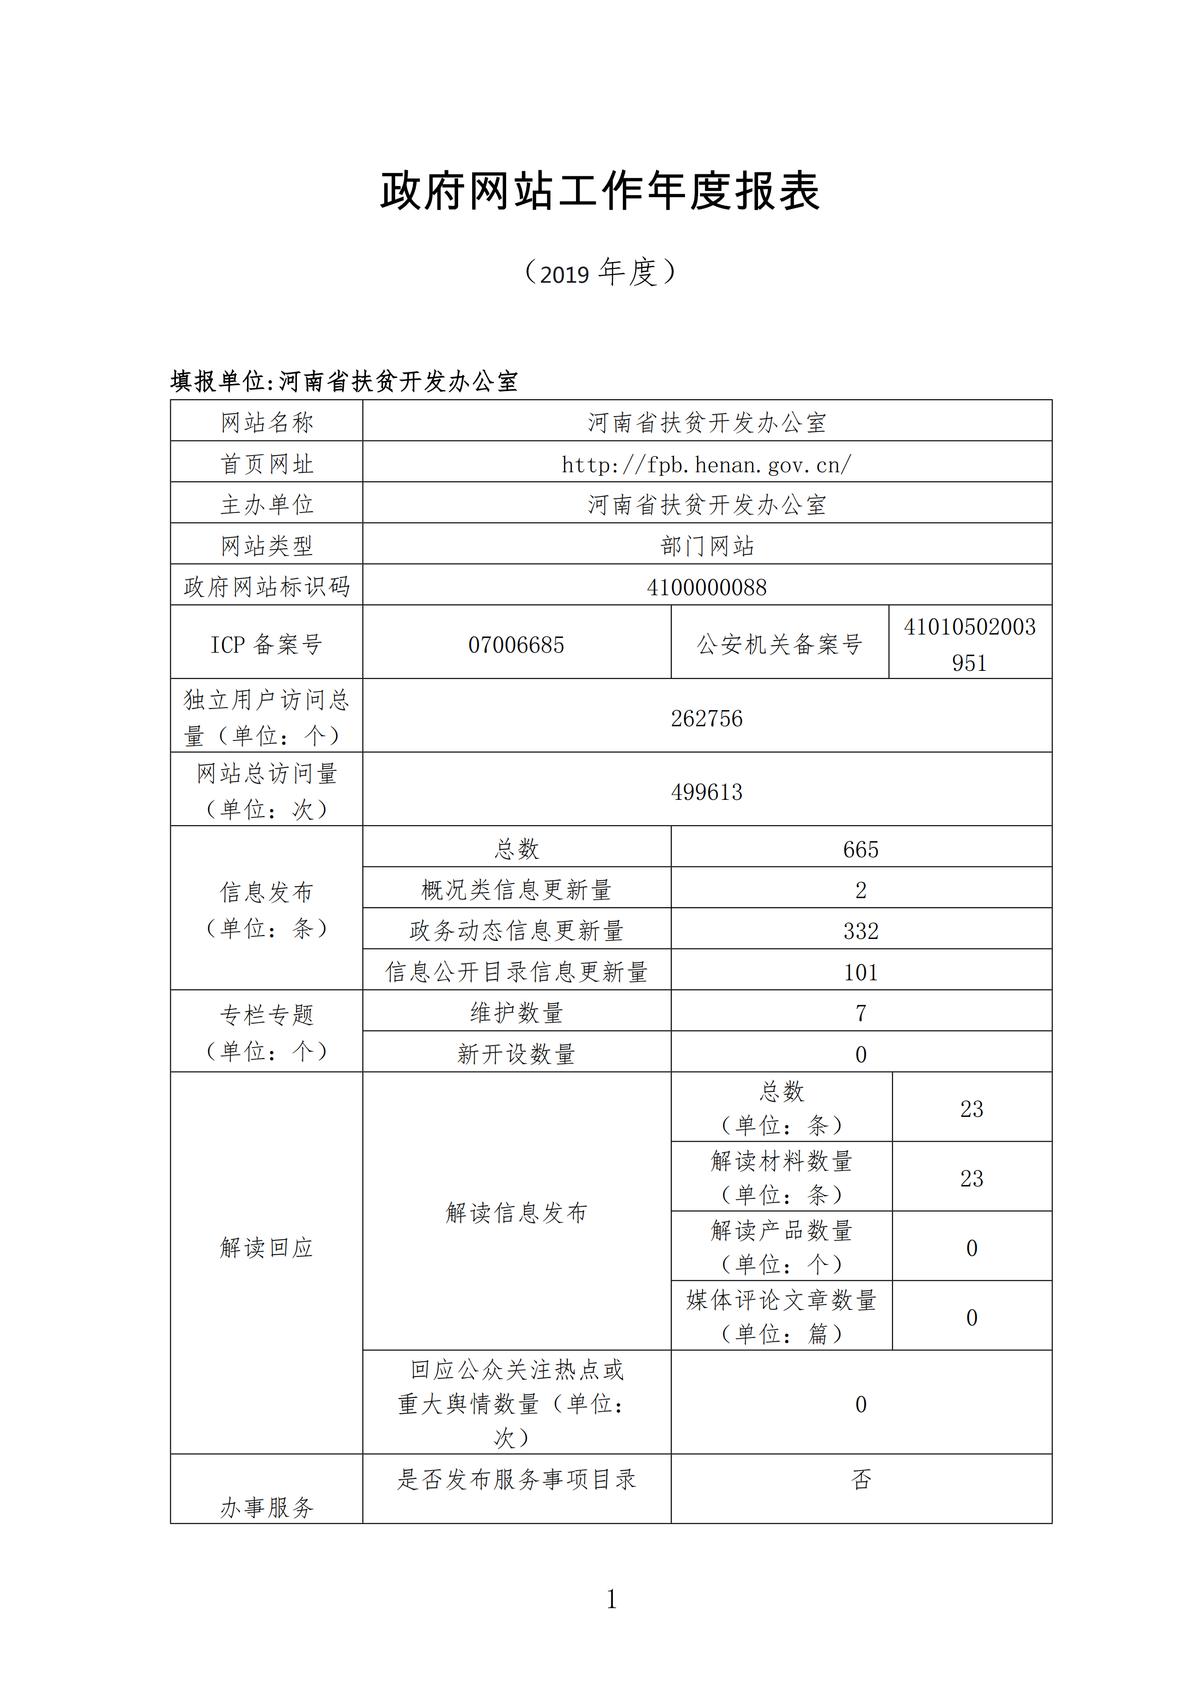 河南省扶贫开发办公室2019年政府网站工作年度报表_00.png